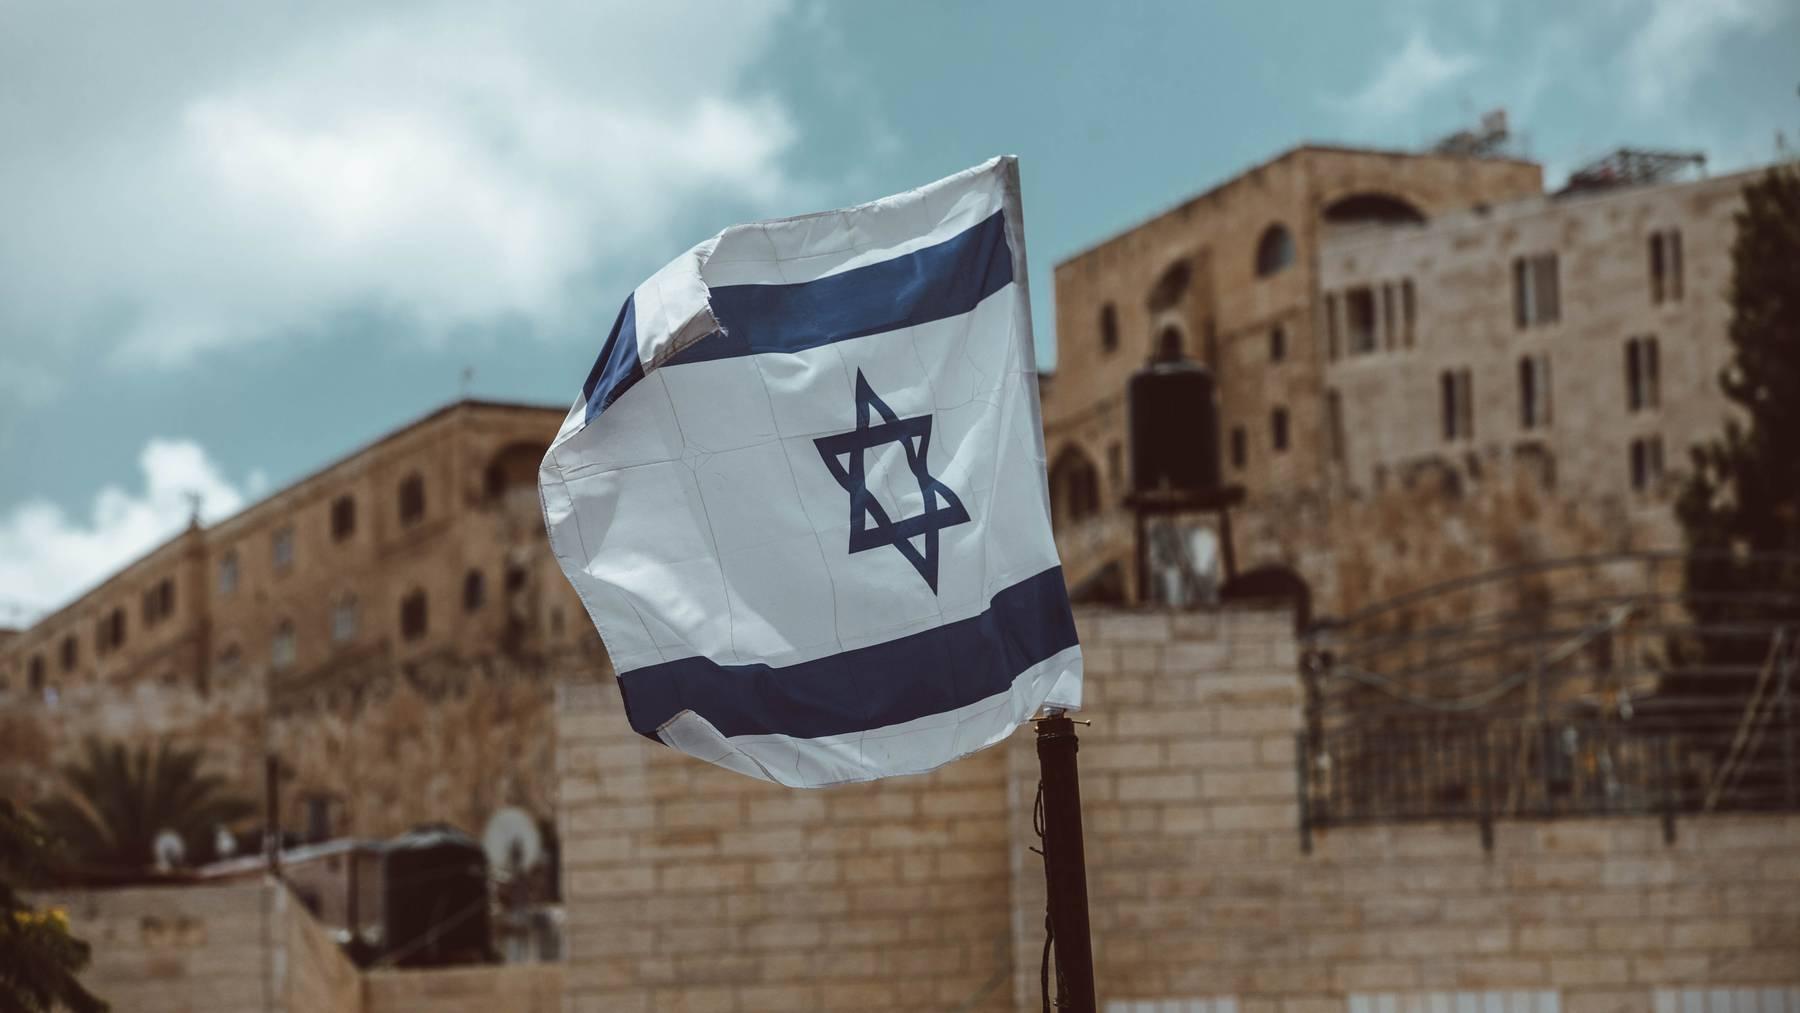 Israel unsplash.com